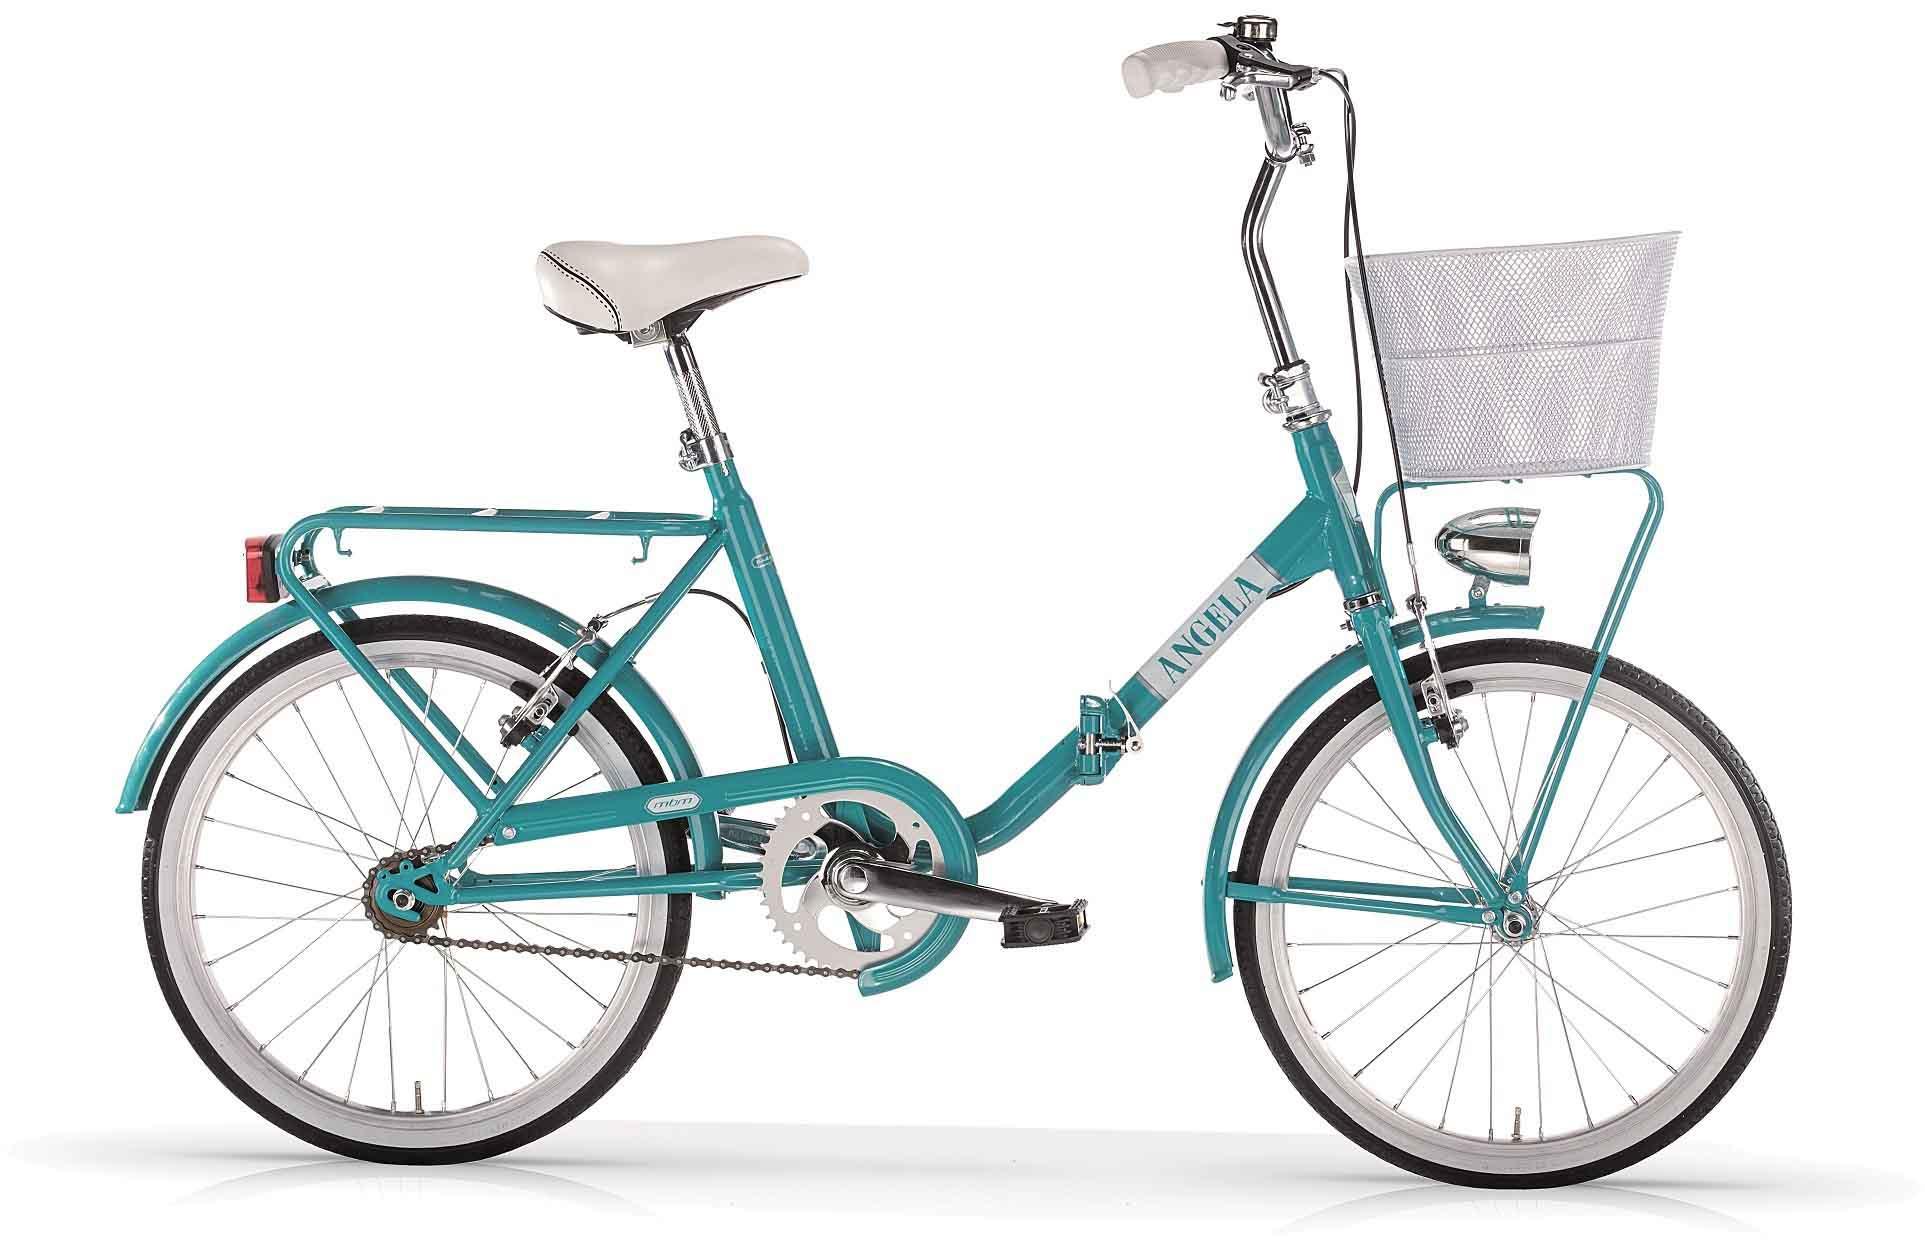 MBM Faltrad New Angela, 1 Gang Kettenschaltung blau Falträder Klappräder Fahrräder Zubehör Fahrrad